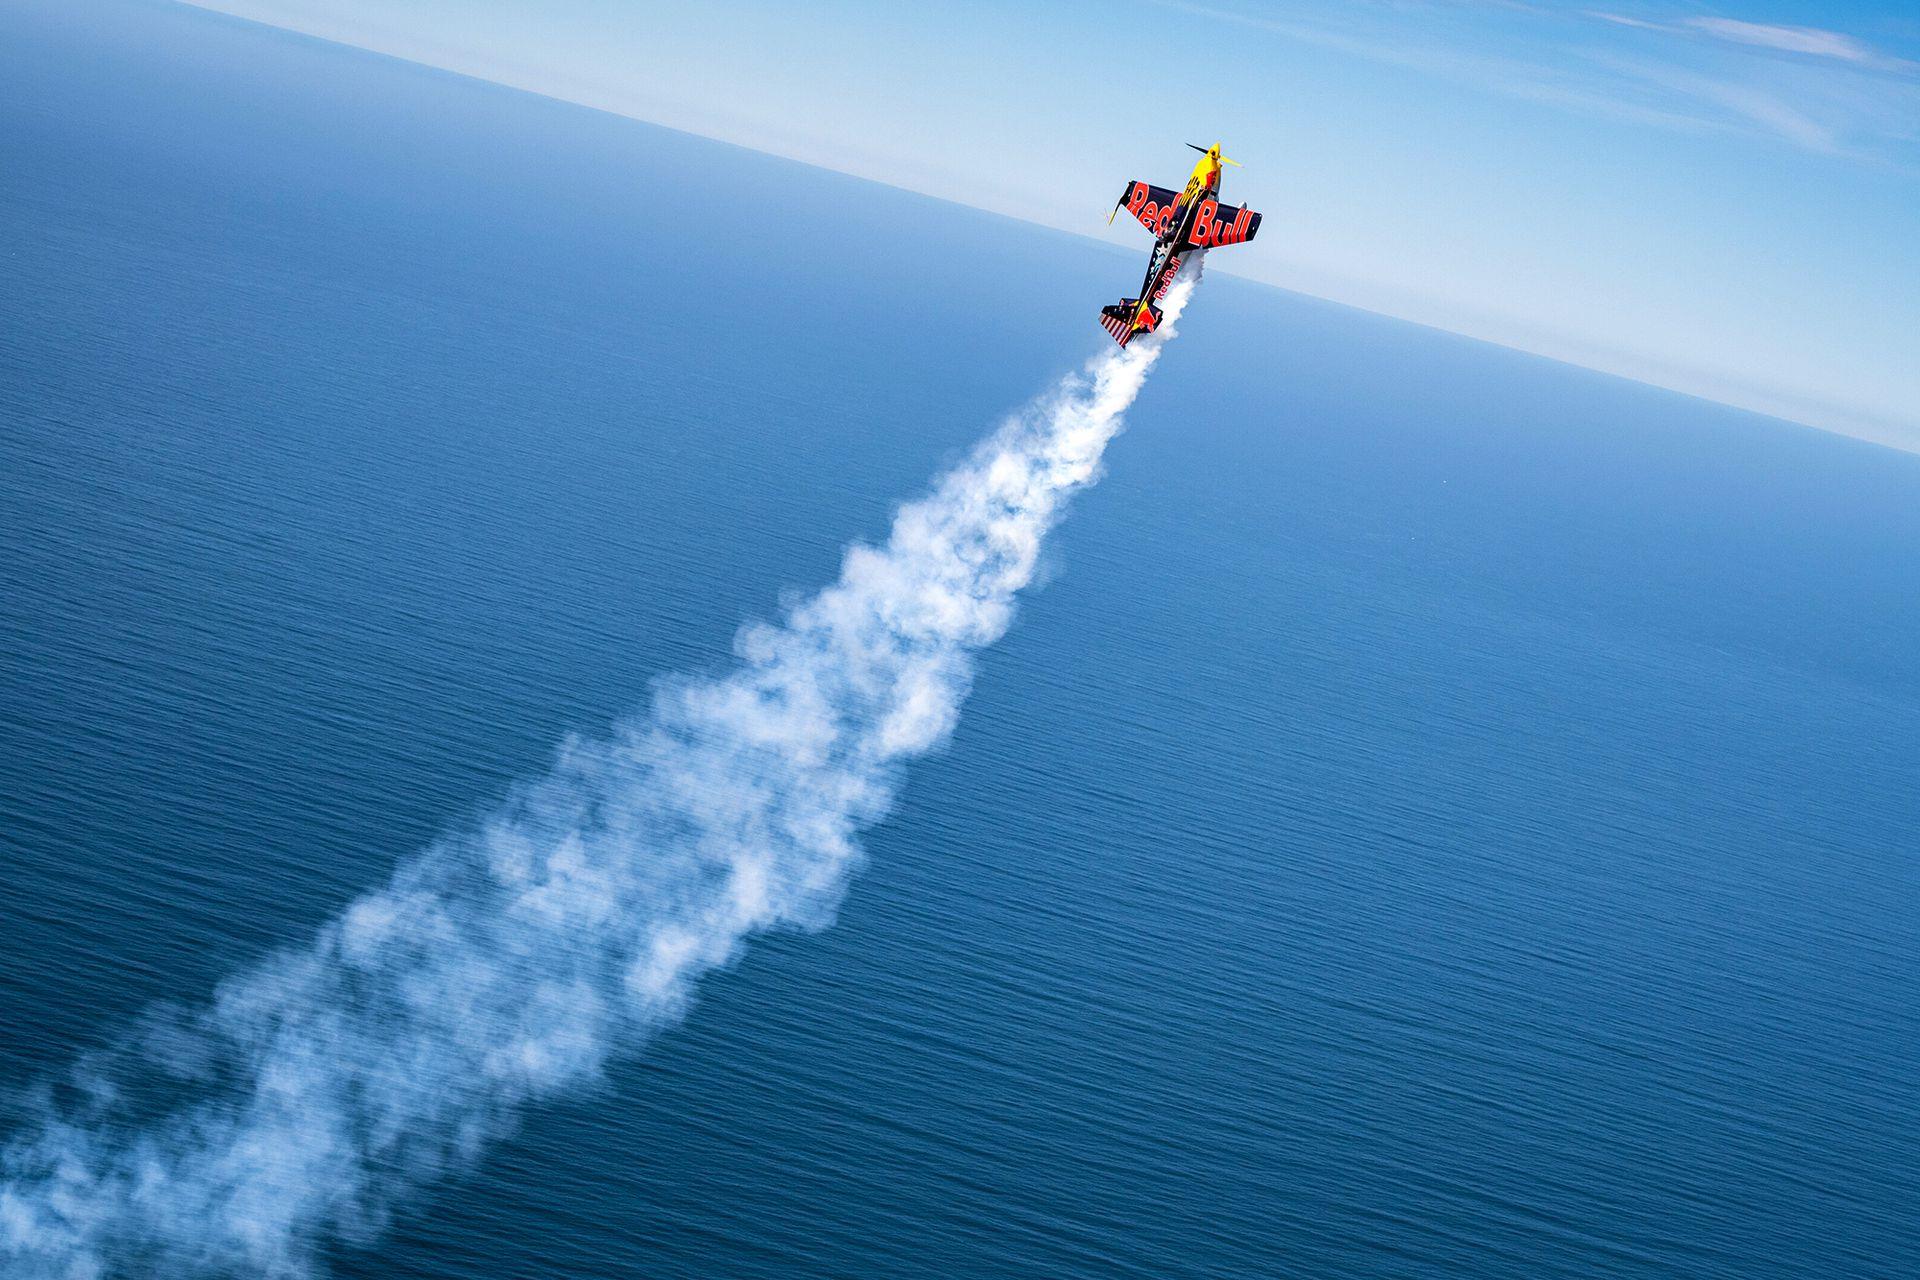 El avión de Kirby Chambliss deja una estela de humo sobre el Oceáno Pacífico